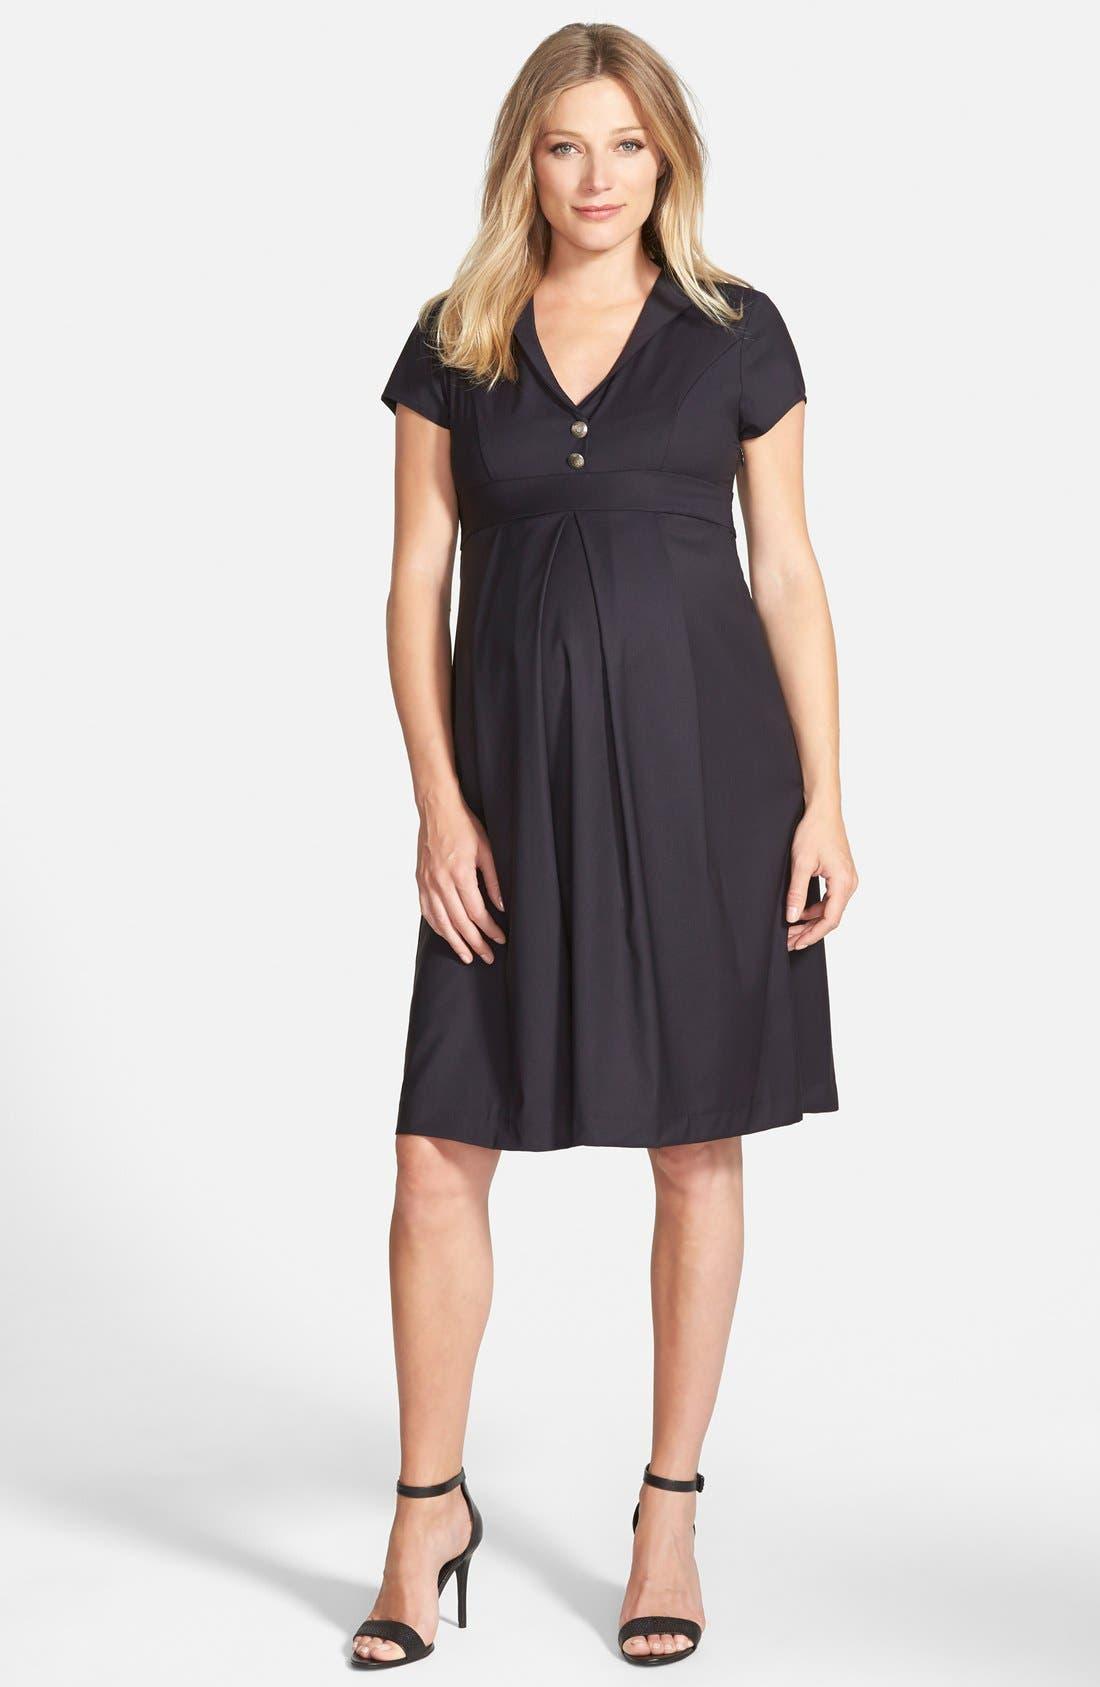 Eva Alexander London 'Audrey' Maternity Dress